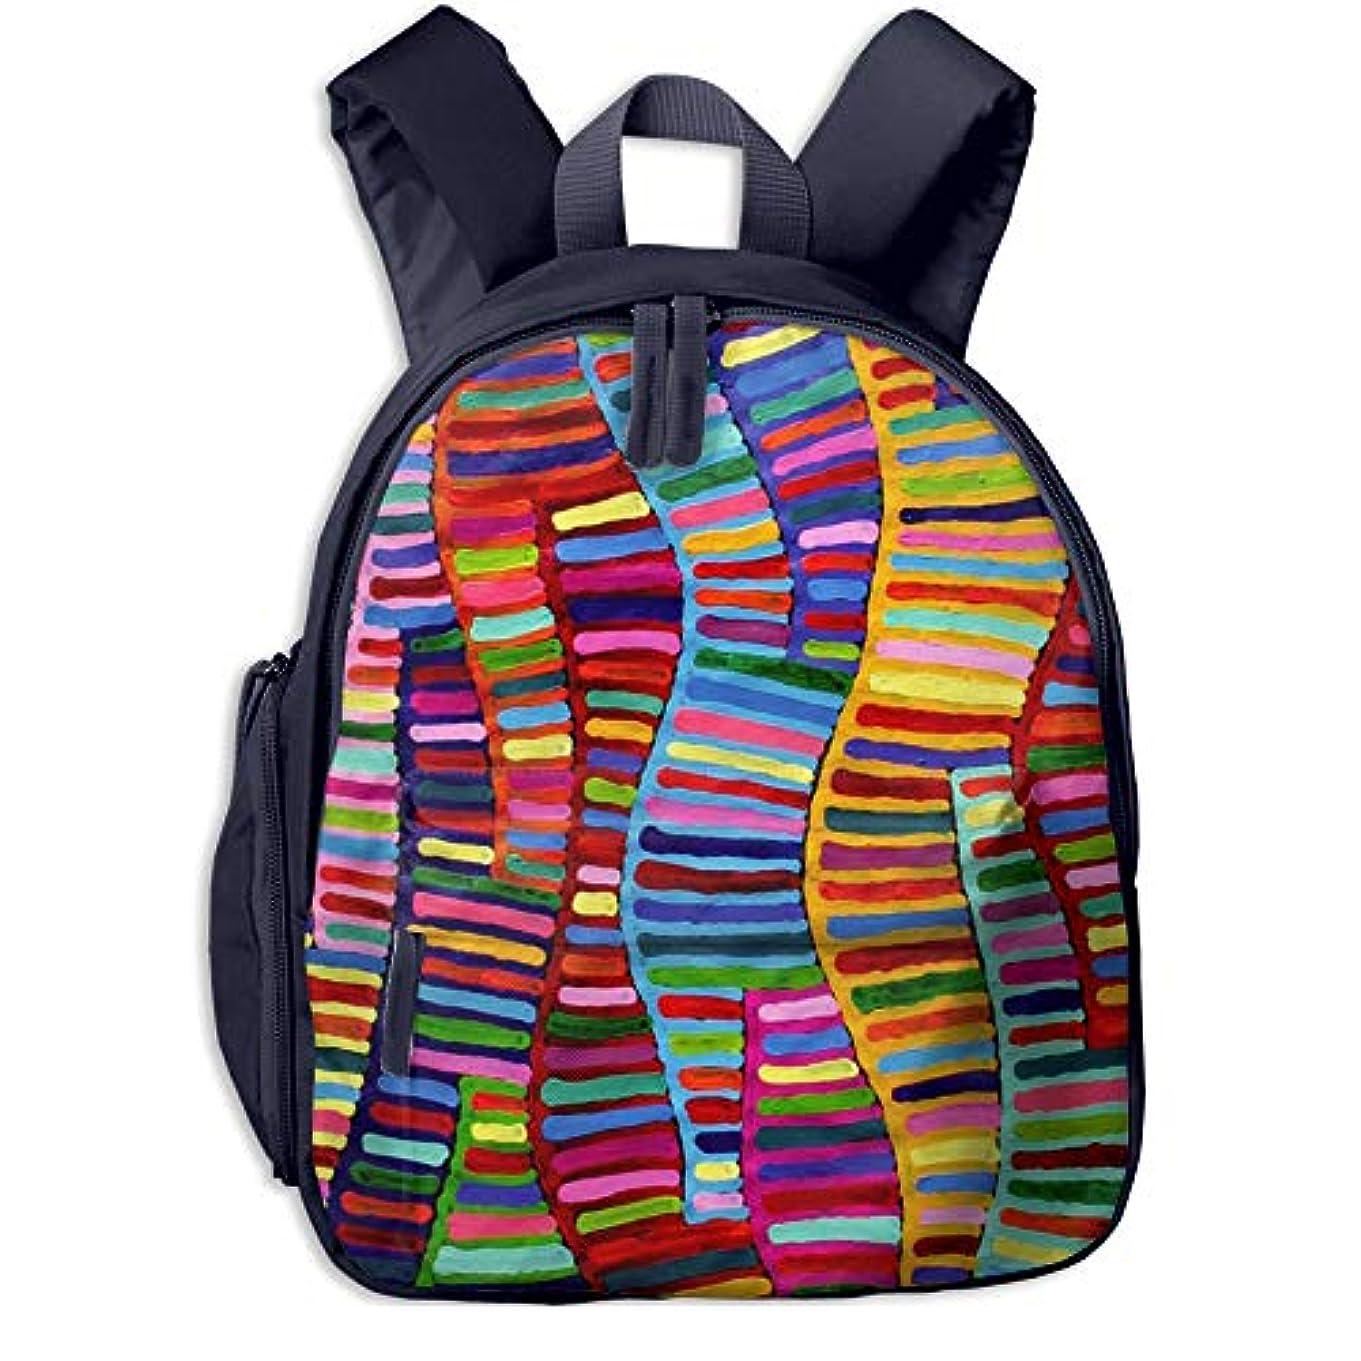 まとめるバナナ社員虹色 かわいい 子供用バックパック 綺麗 キッズ リュック 実用性 通学 パック ポケット付き